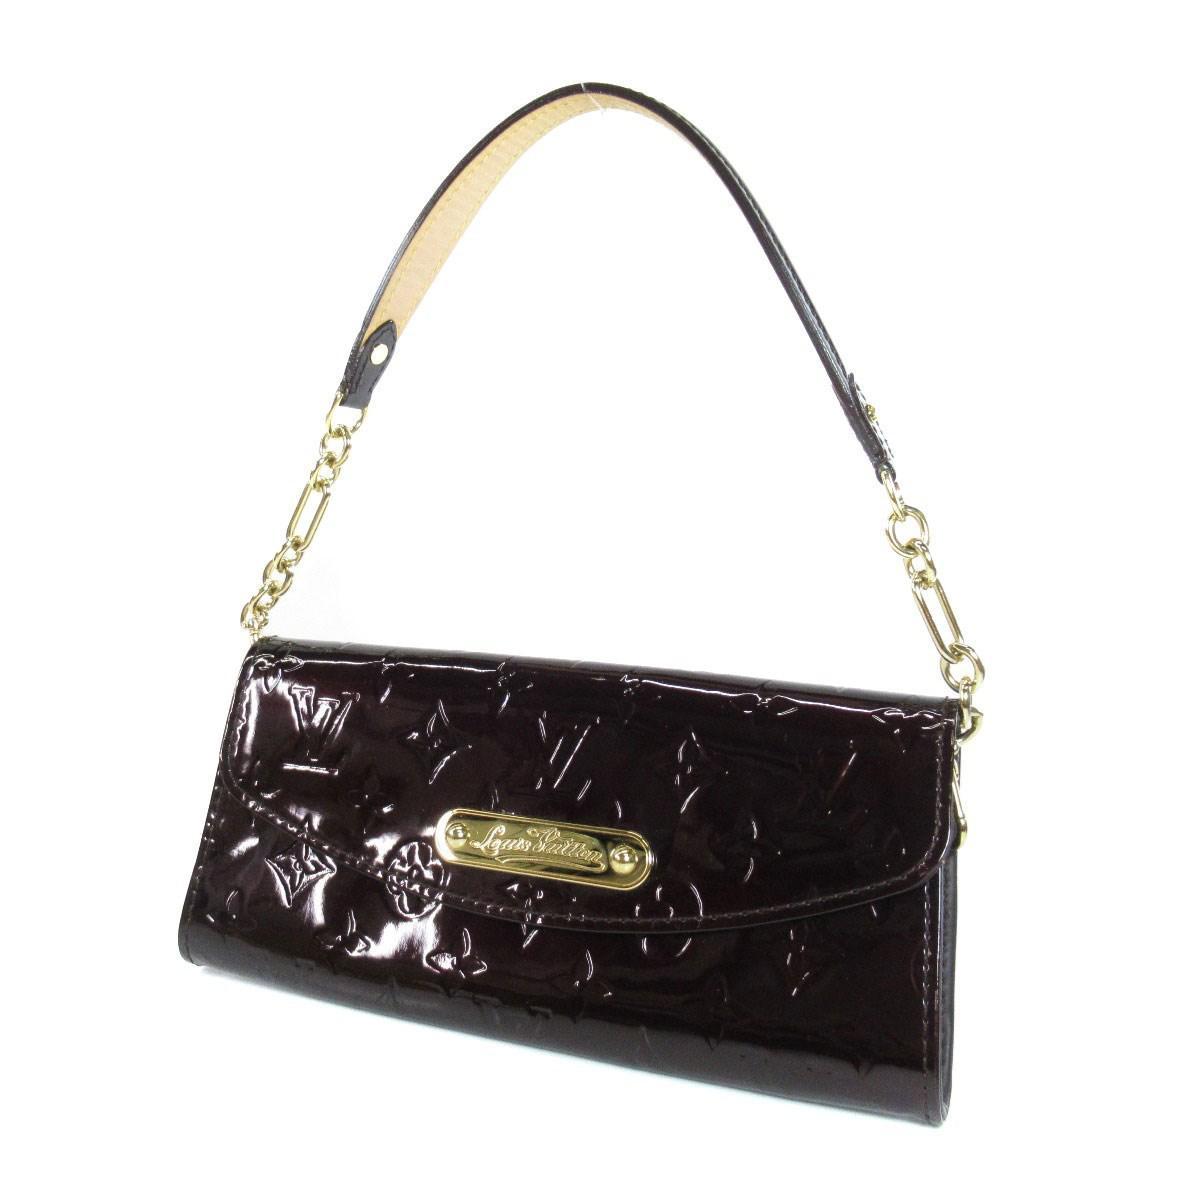 64d25d6d5afc Lyst - Louis Vuitton Vernis Handbag M93542 Sunset Blue Bird in Red